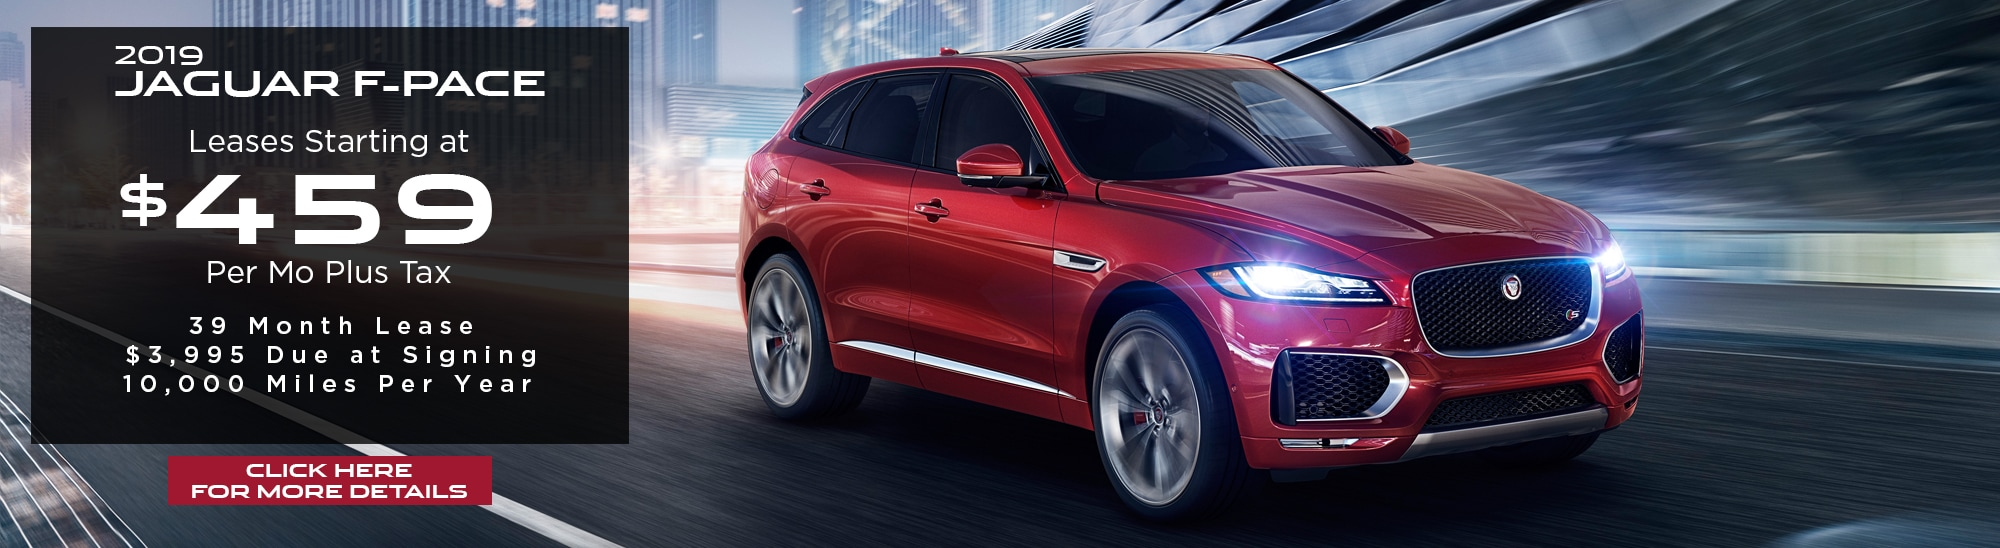 New Jaguar Used Car Dealer In Macomb Mi Jaguar Lakeside